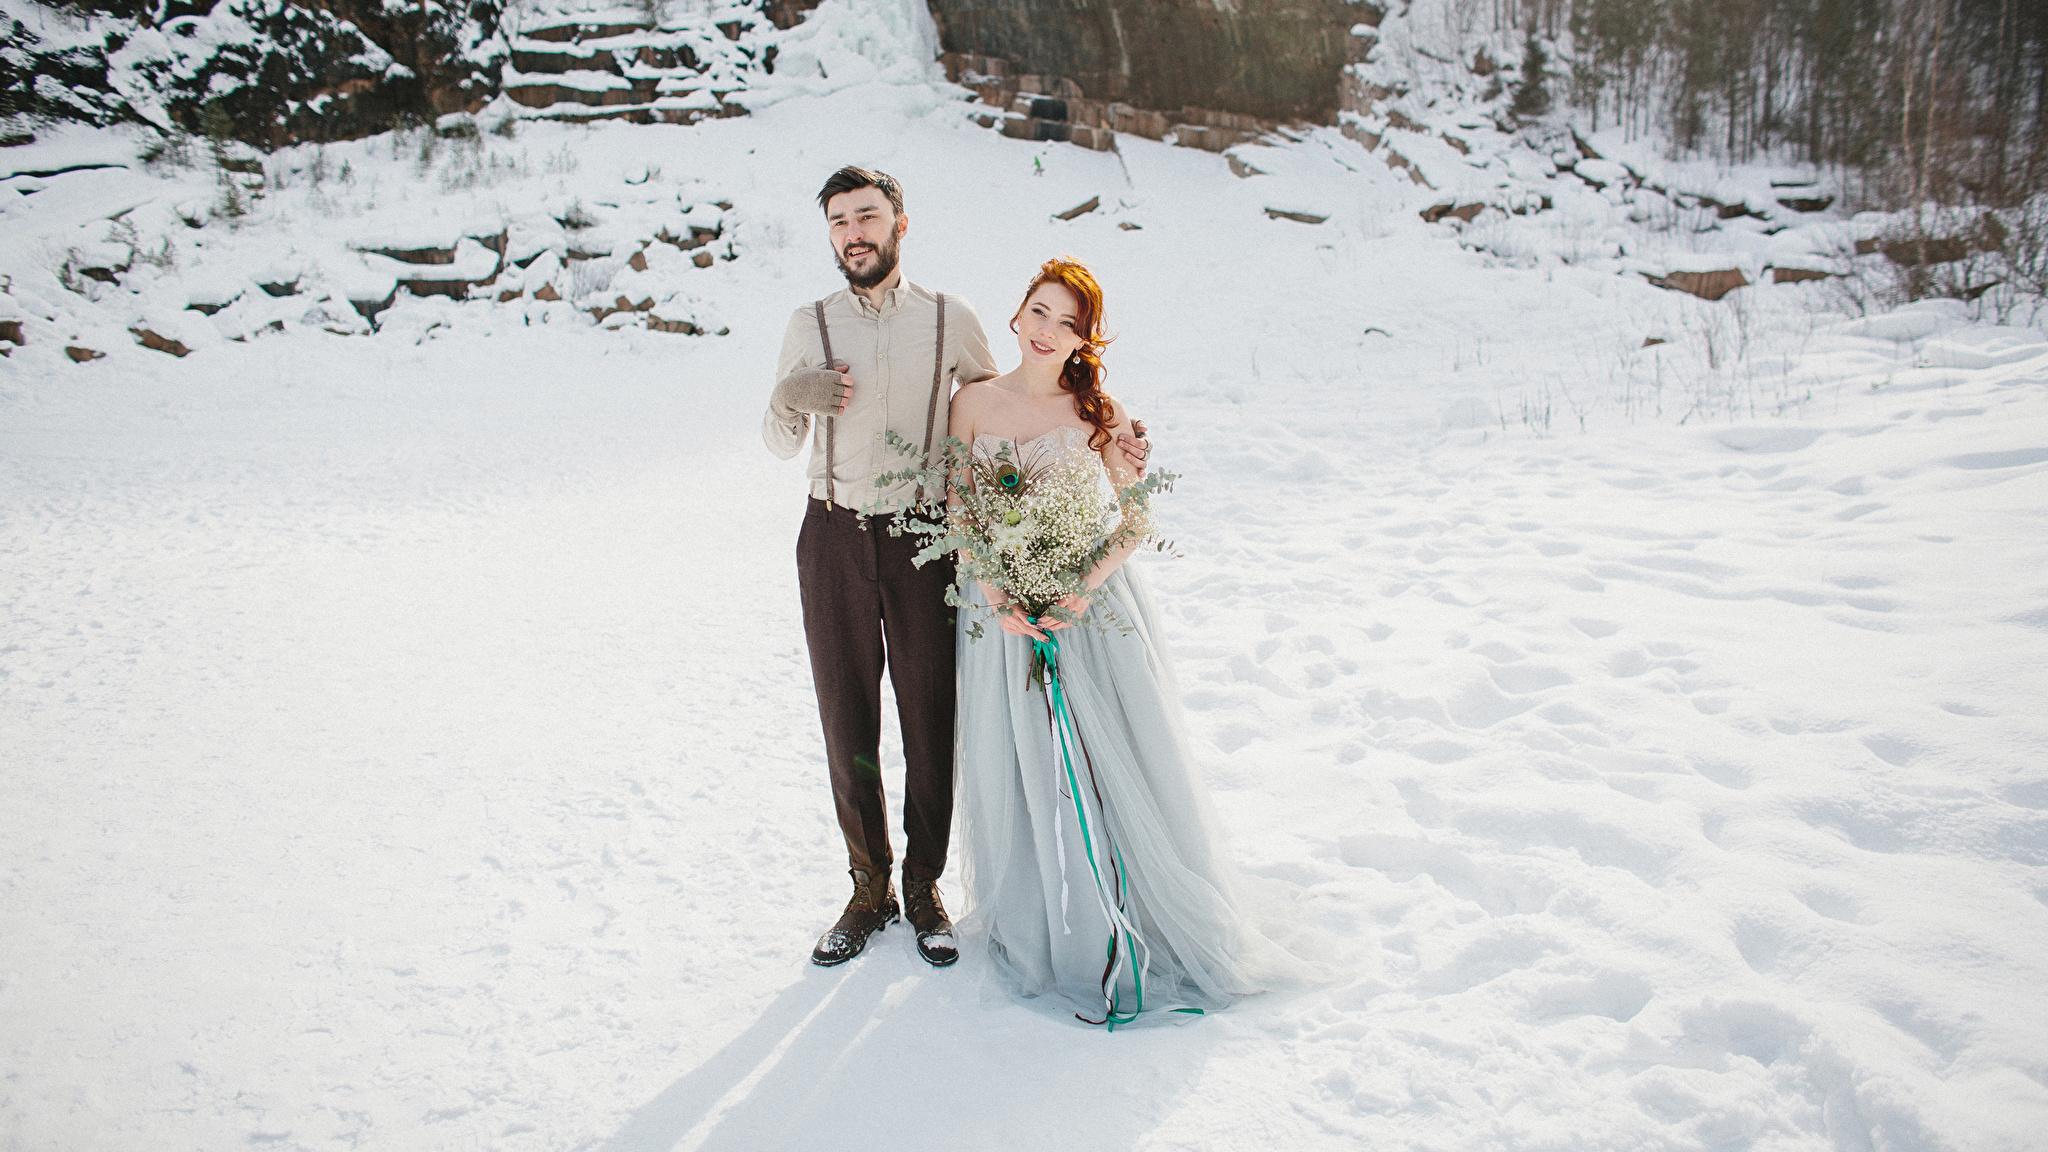 Fotos Bräutigam Brautpaar Sträuße Liebe Winter Mädchens Kleid 2048x1152